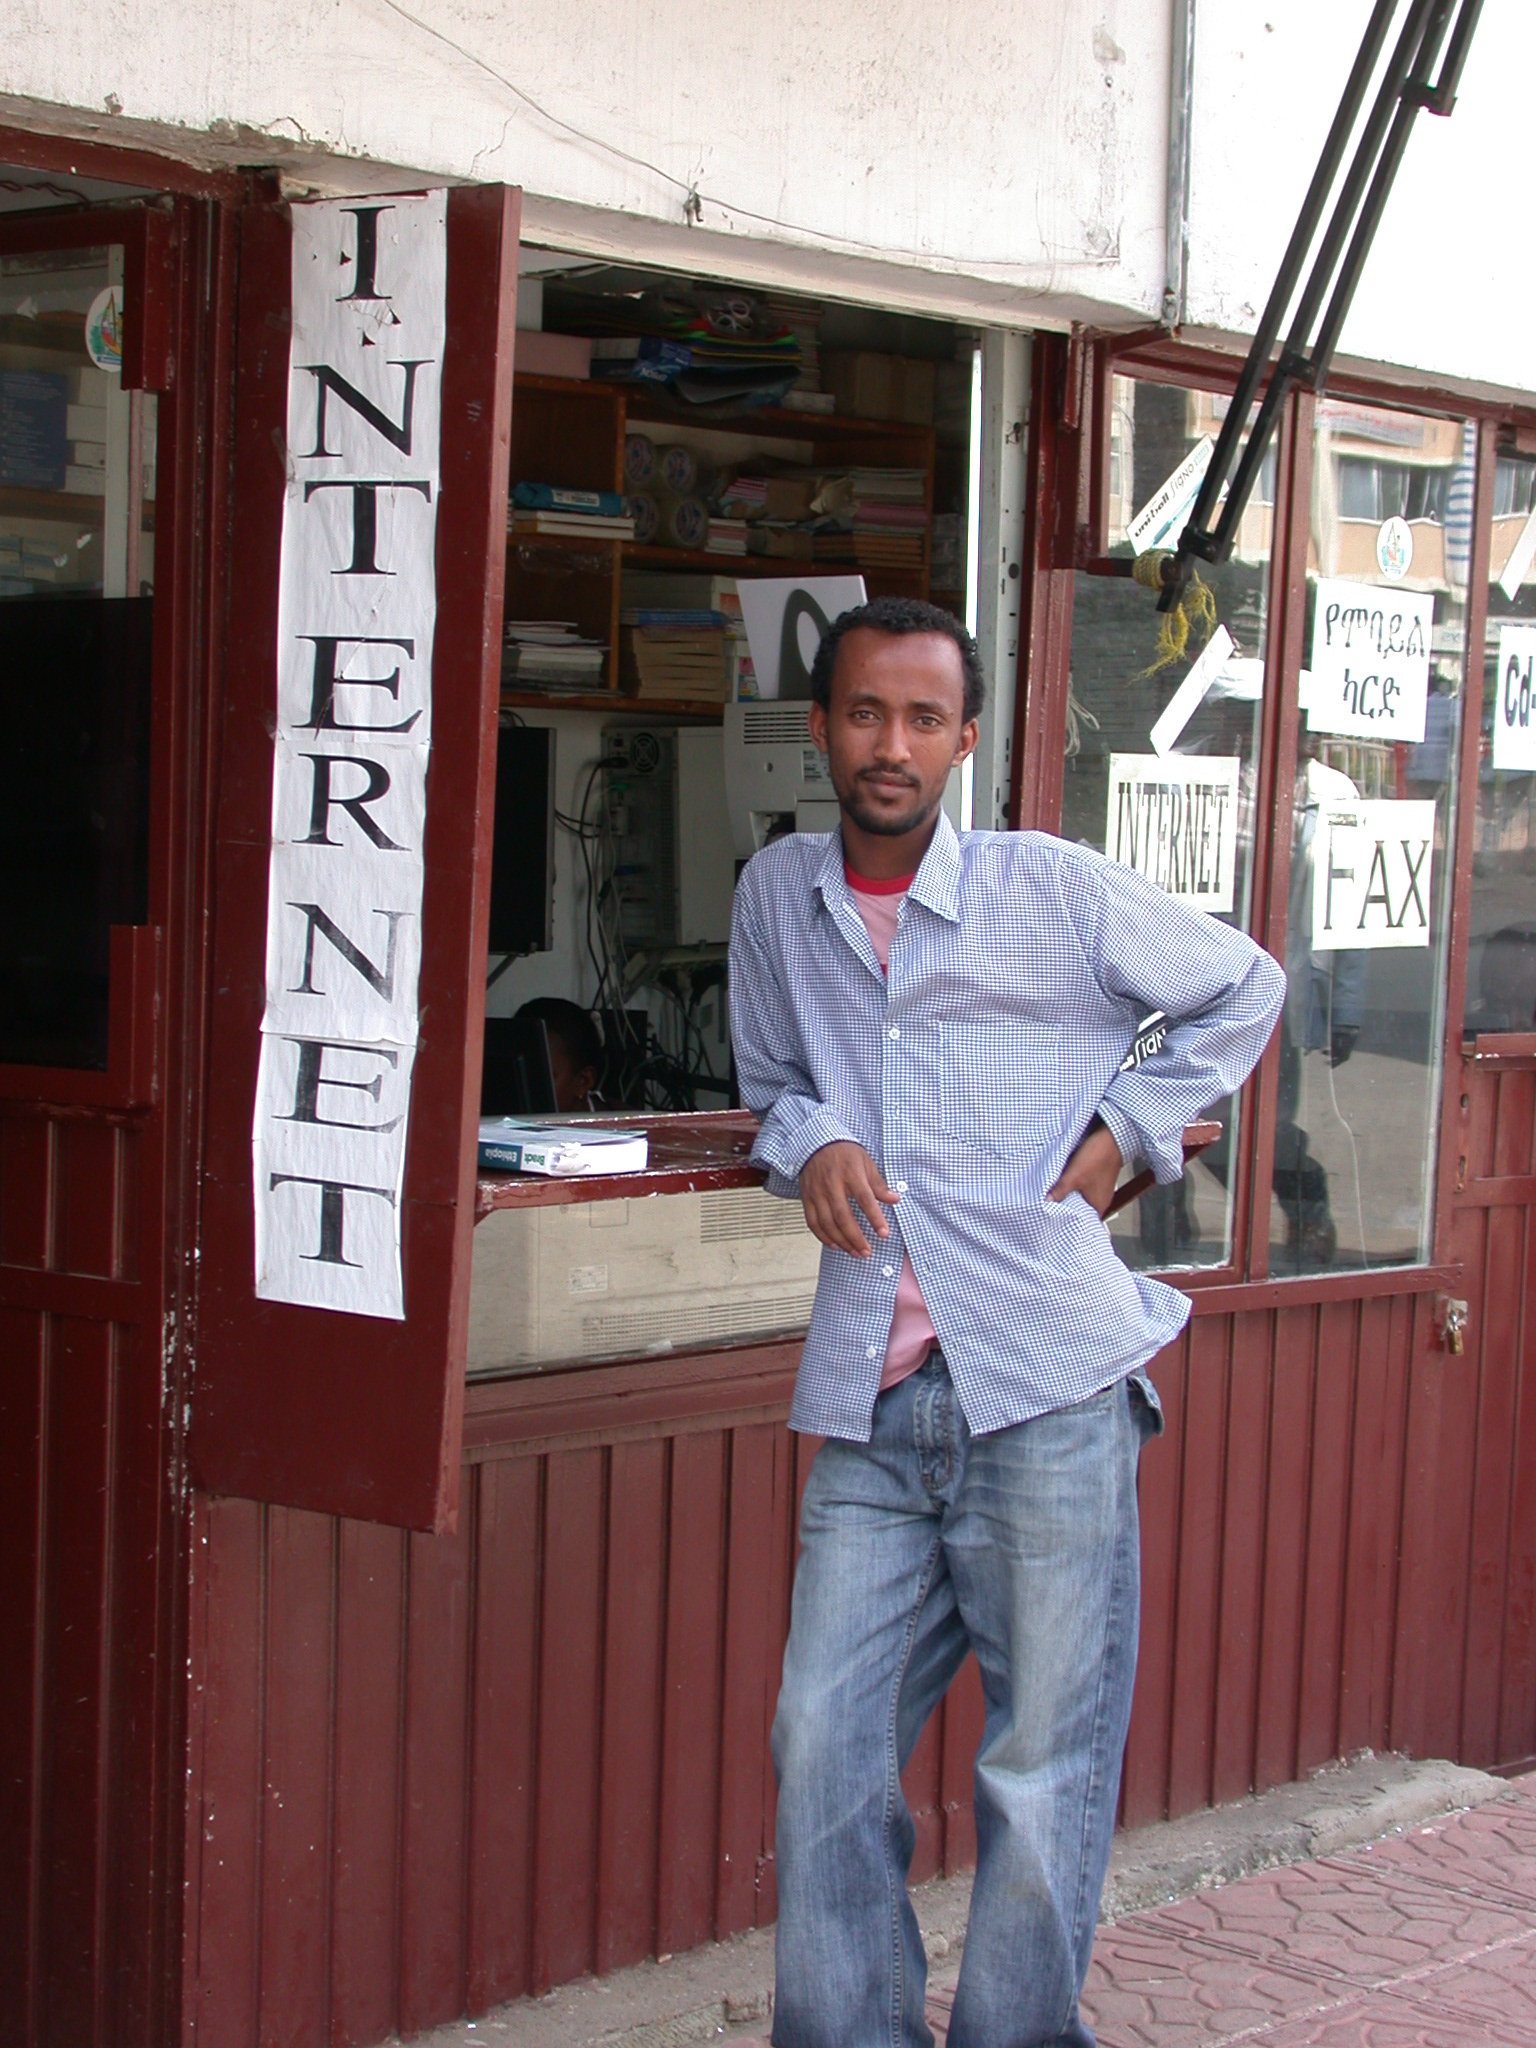 Helpful Guy at Internet Cafe, Addis Ababa, Ethiopia